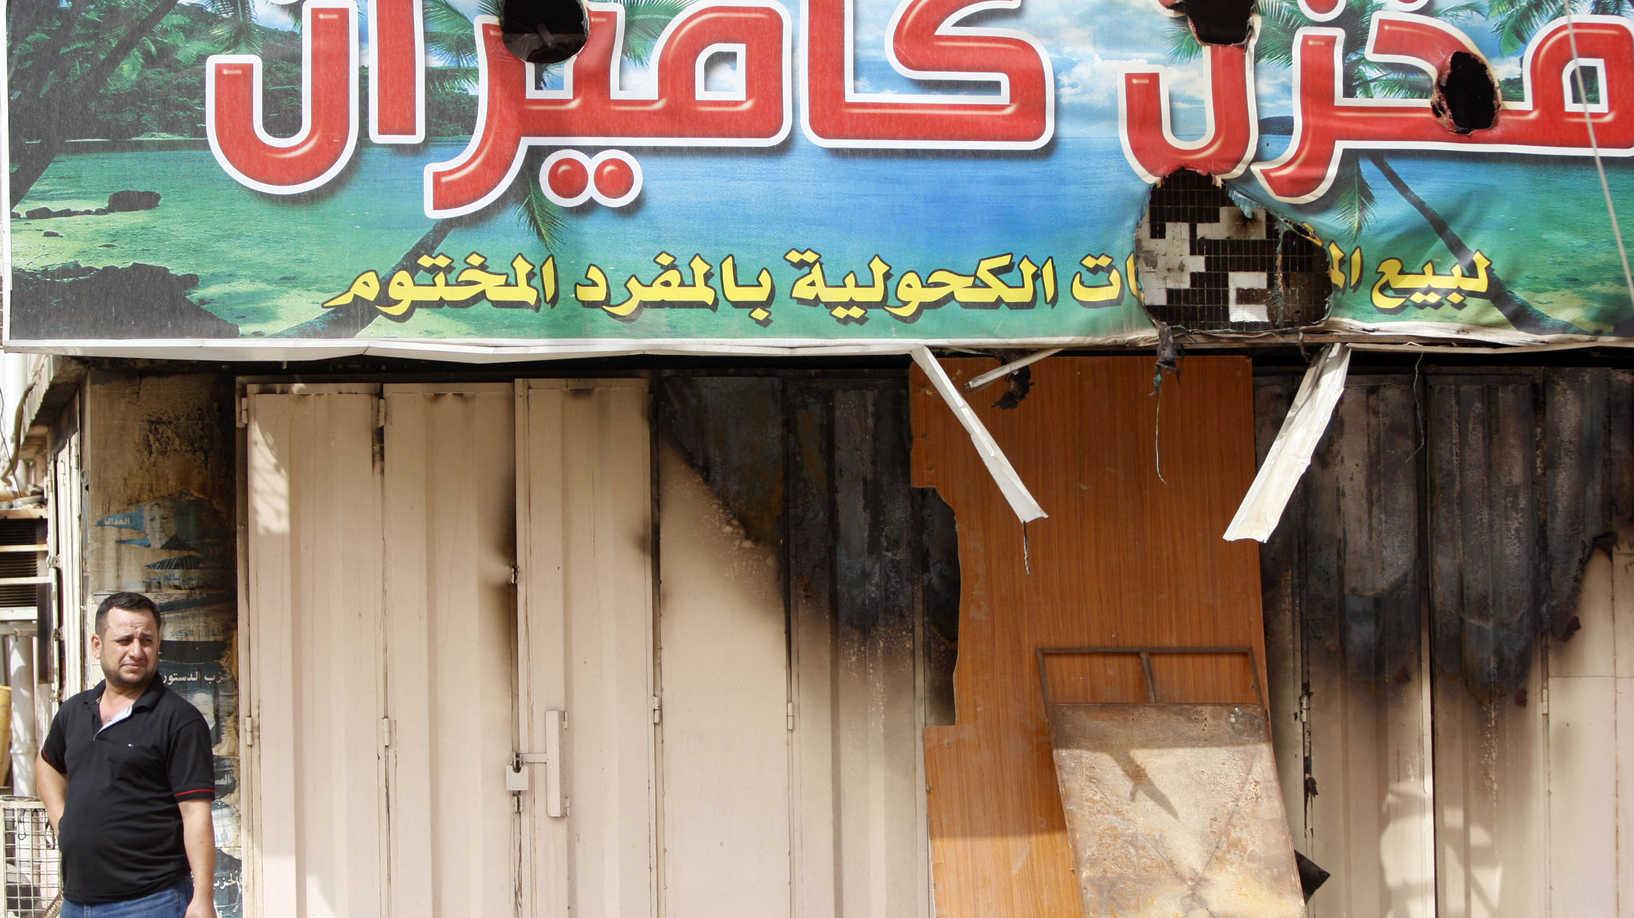 الإعلام الأمني: اعتقال أربعة أشخاص عملوا على استهداف محال الكحول وابتزاز أصحابها